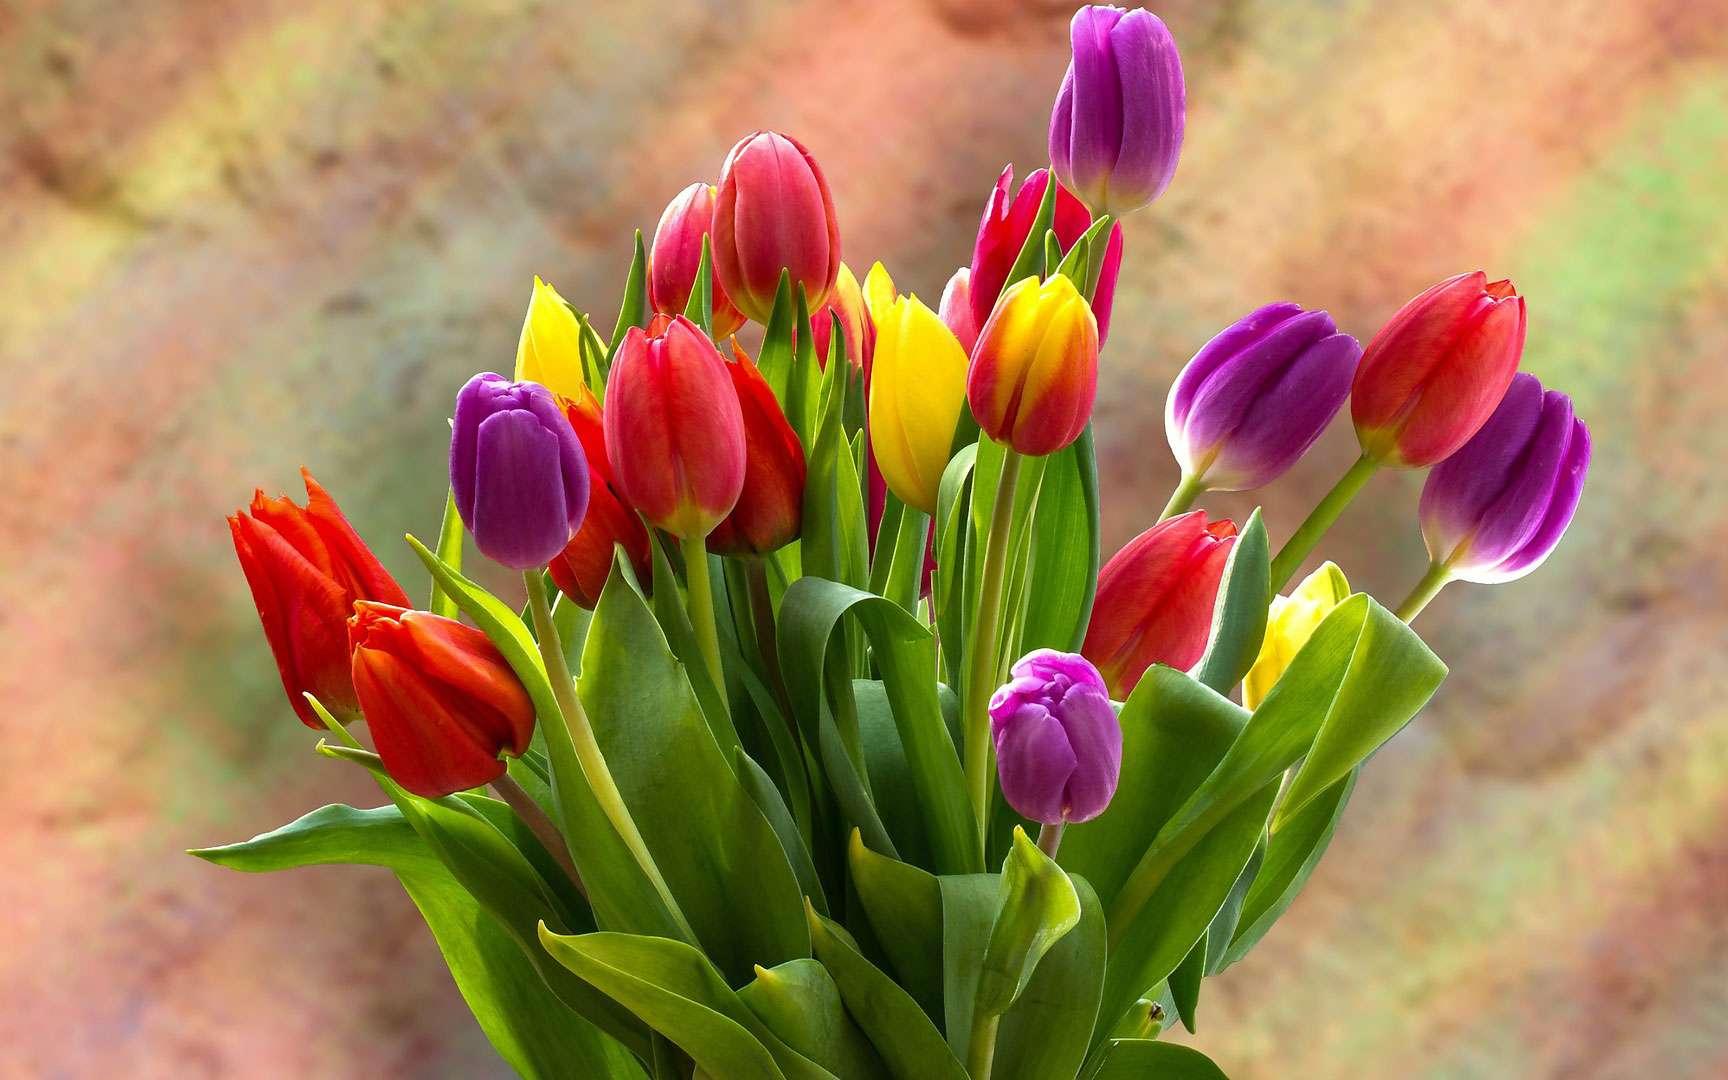 Doit On Deterrer Les Oignons De Tulipes la tulipe est-elle difficile à cultiver ?